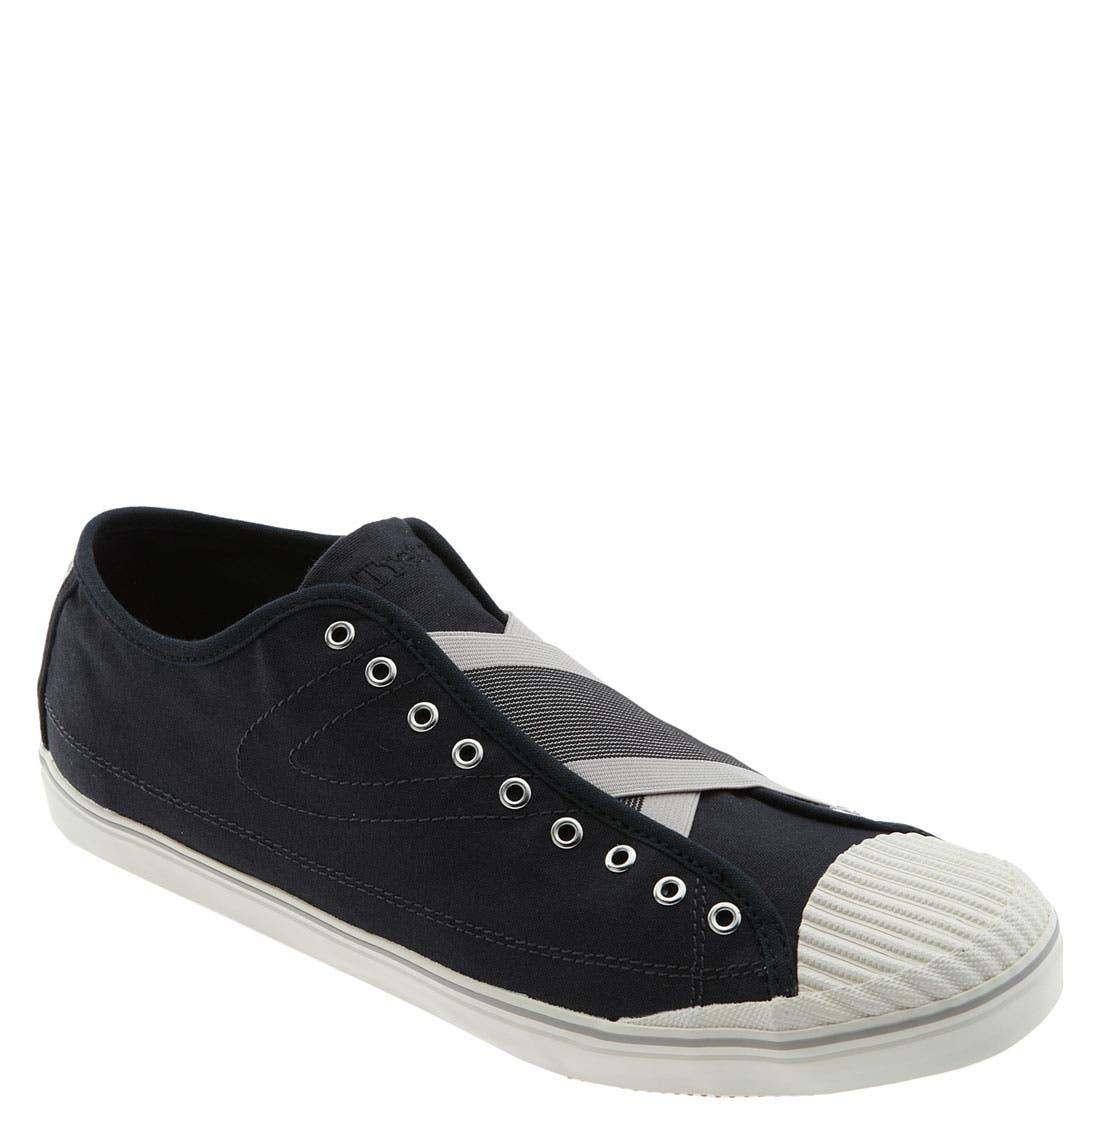 'Skymra' Slip-On Sneaker,                             Main thumbnail 1, color,                             001